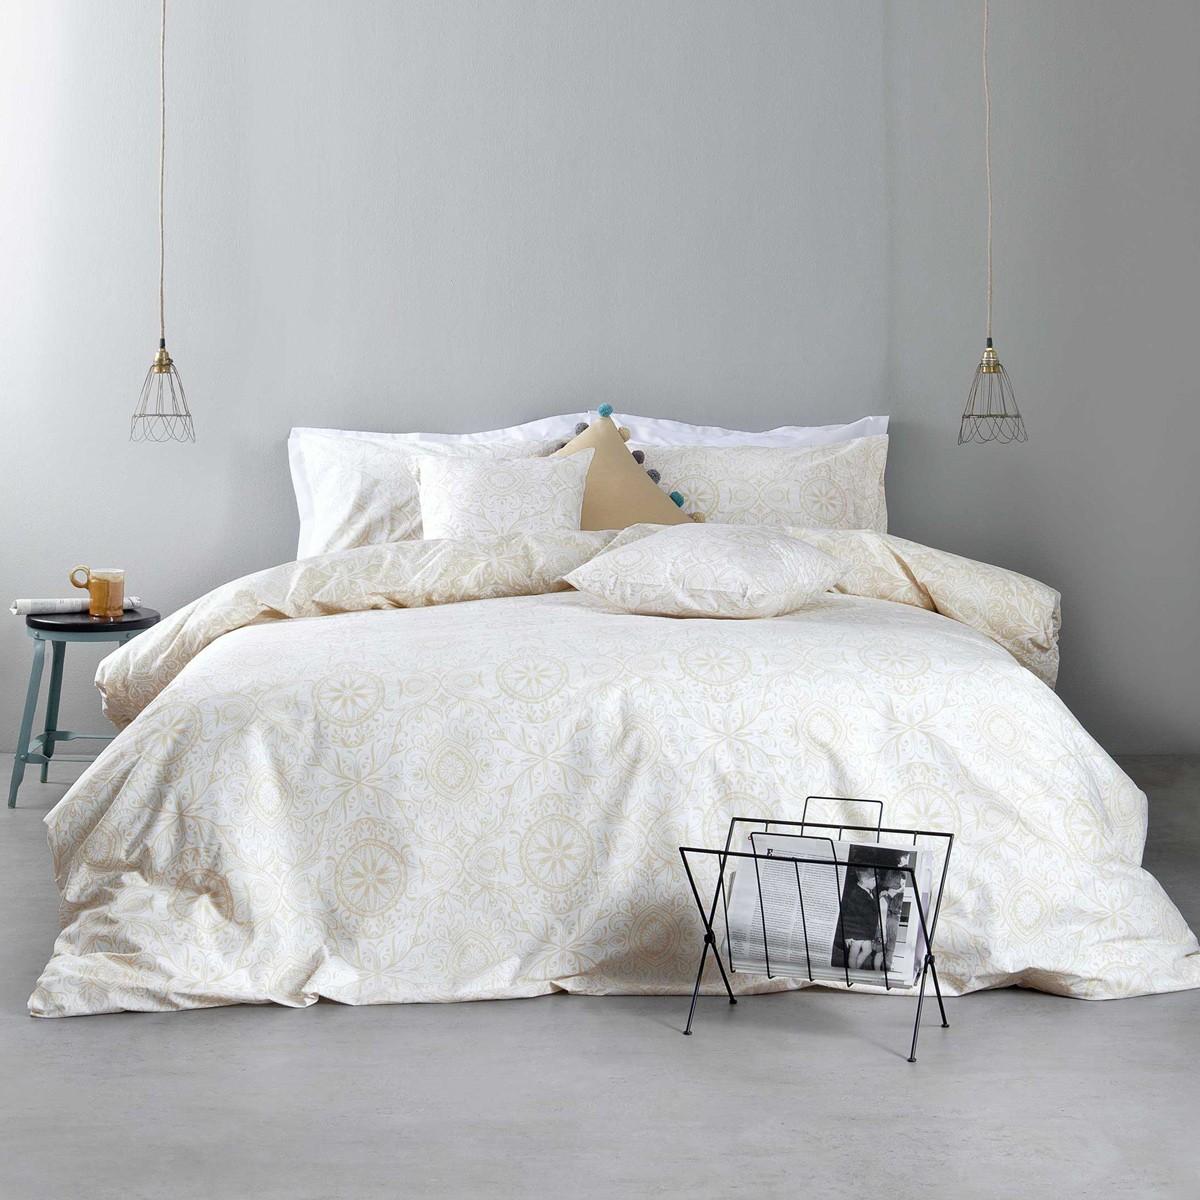 Σεντόνια Υπέρδιπλα (Σετ) Nima Bed Linen Anatolica Beige